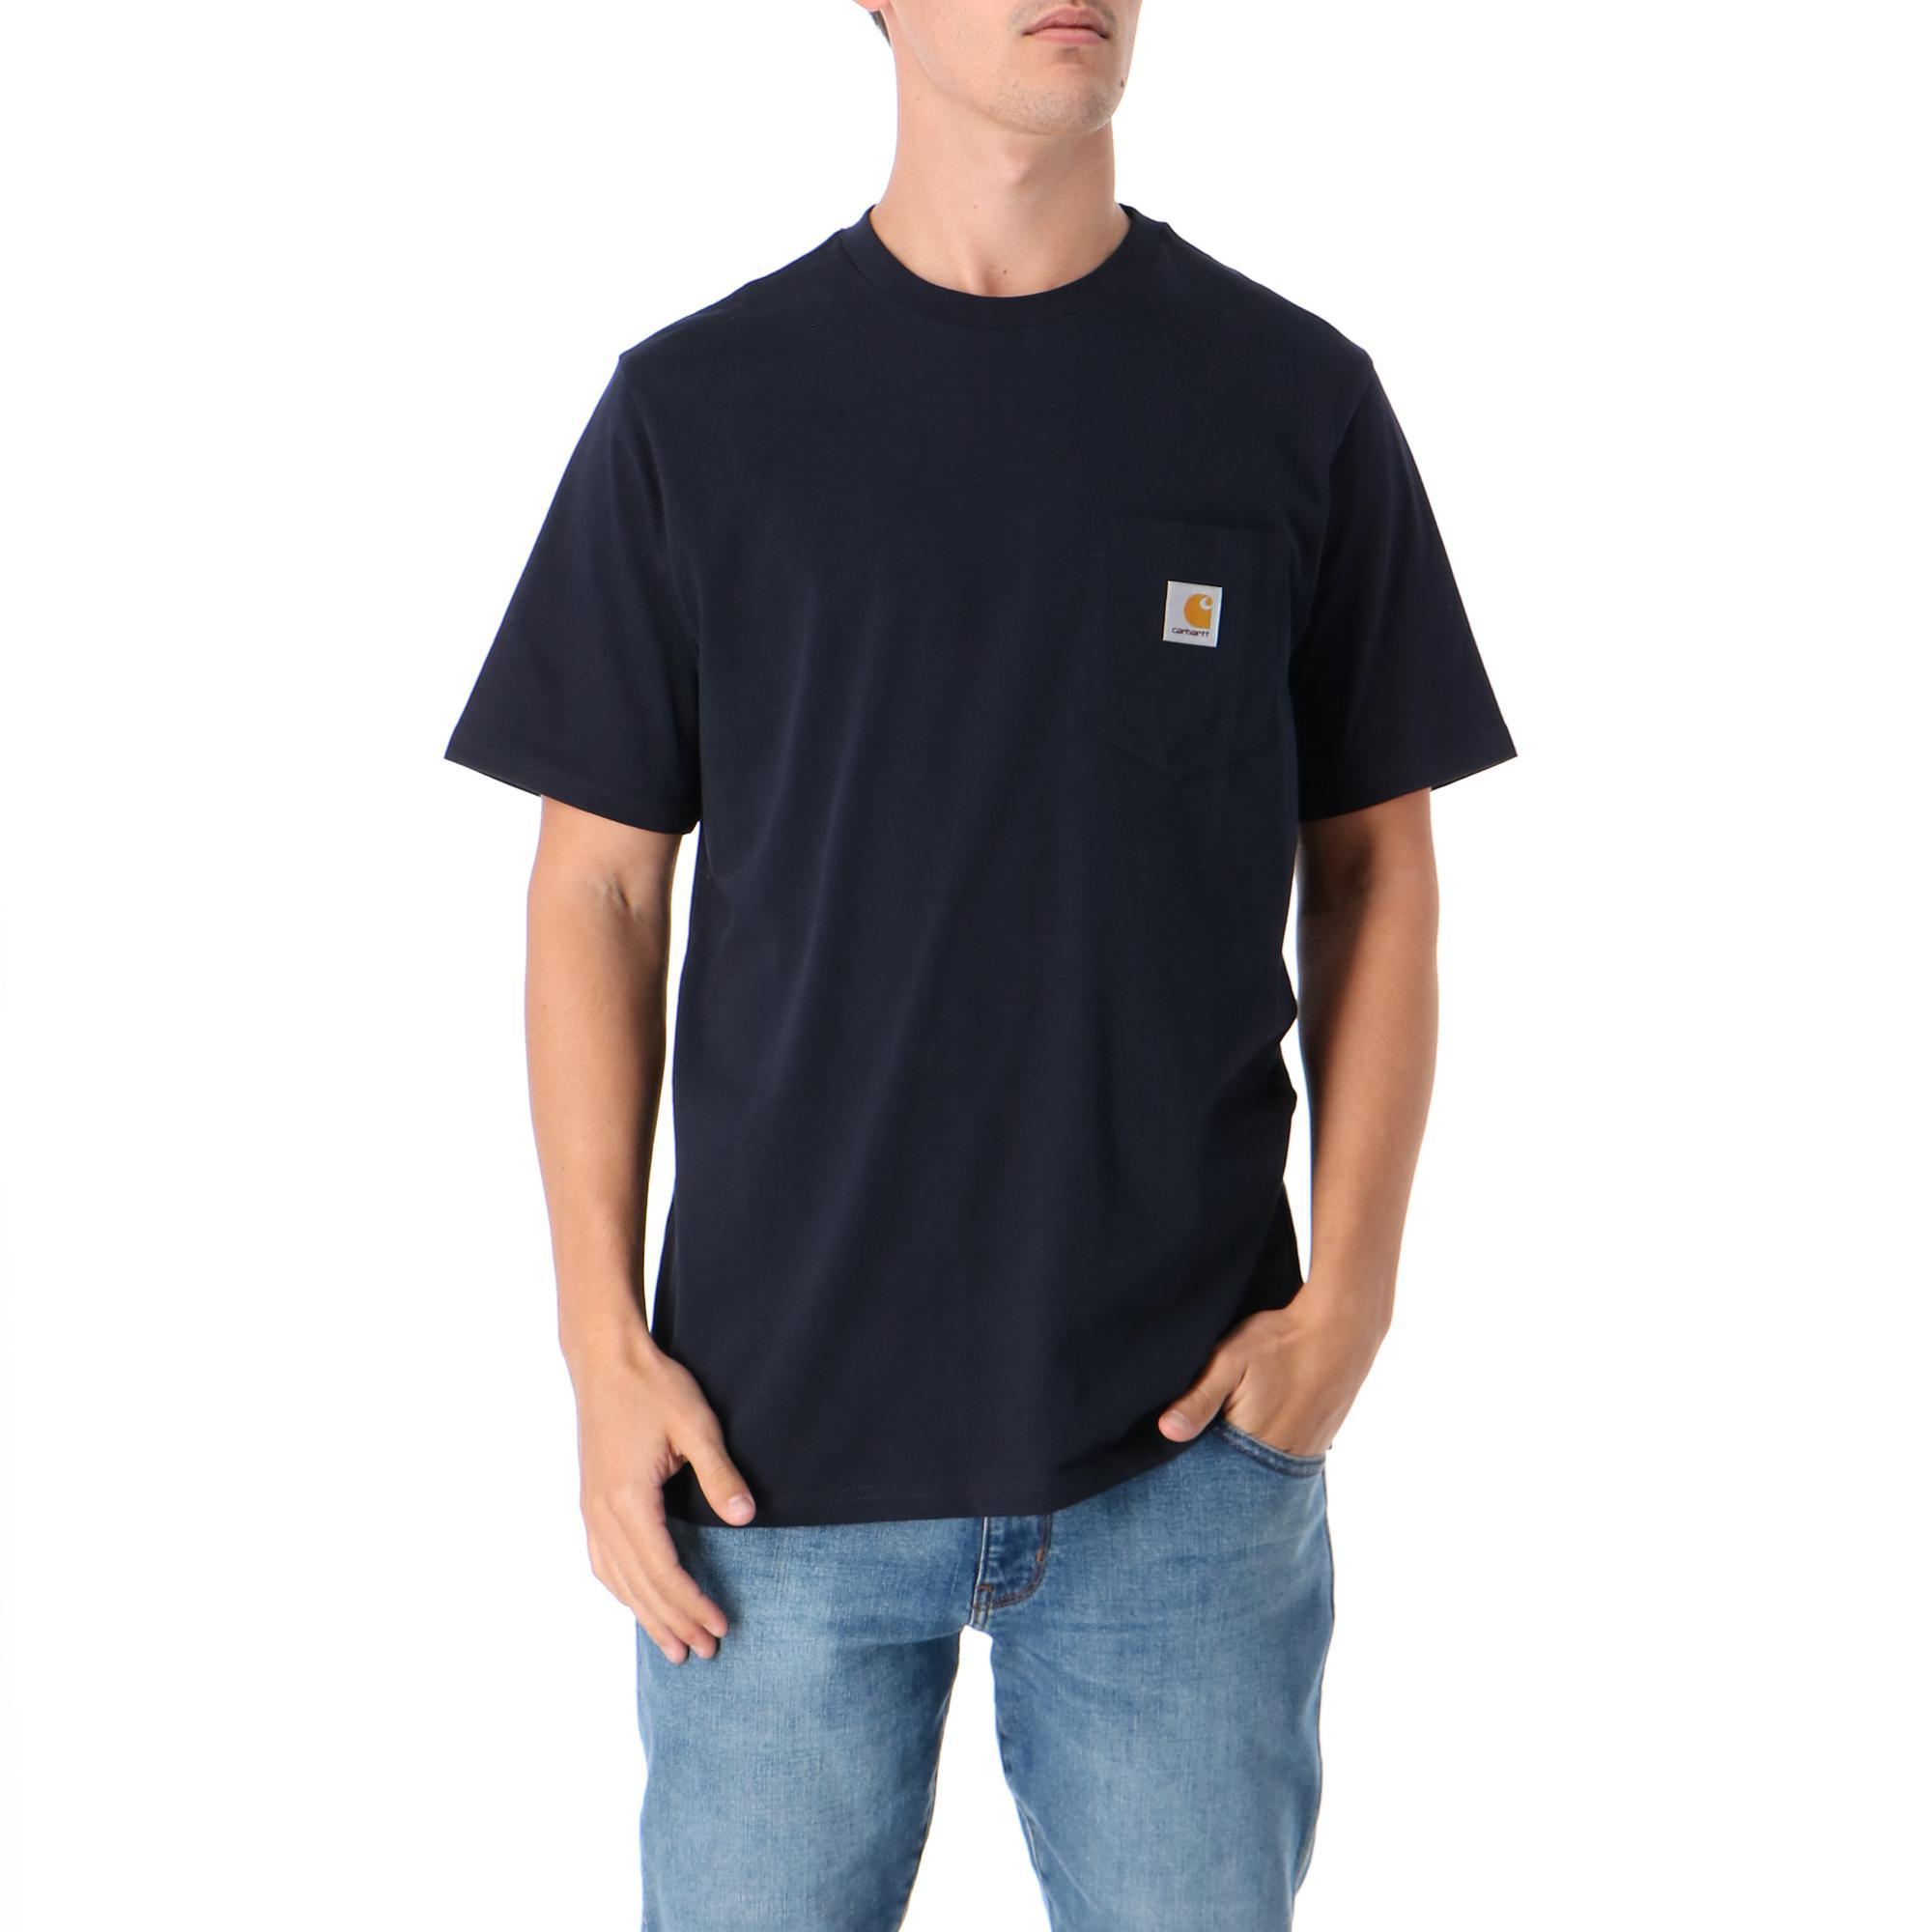 Carhartt S/s Pocket T-shirt DARK NAVY